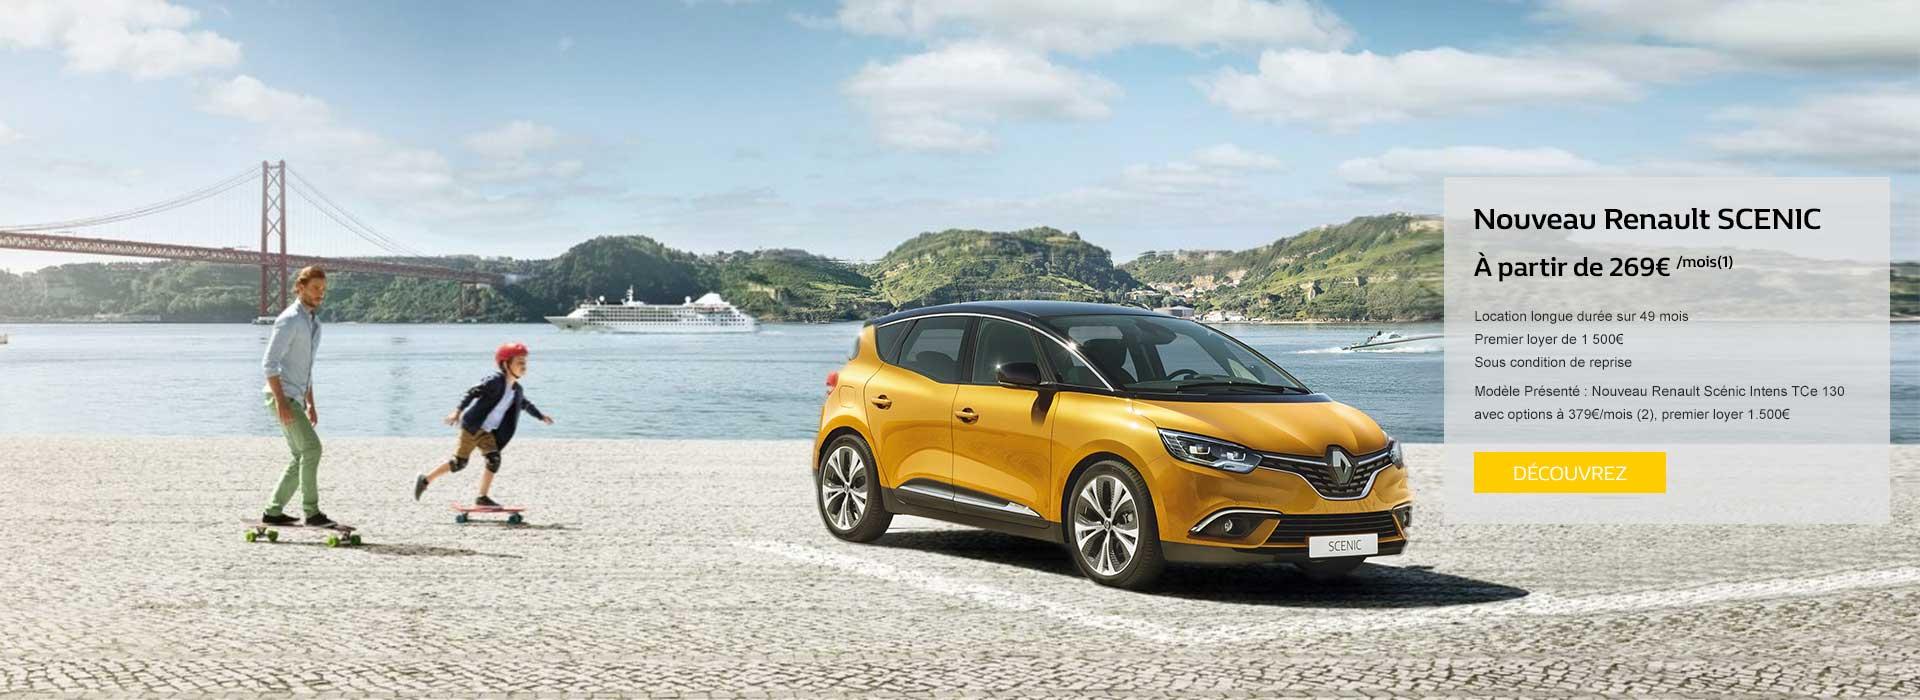 Renault annemasse concessionnaire garage haute savoie 74 - Garage opel haute savoie ...